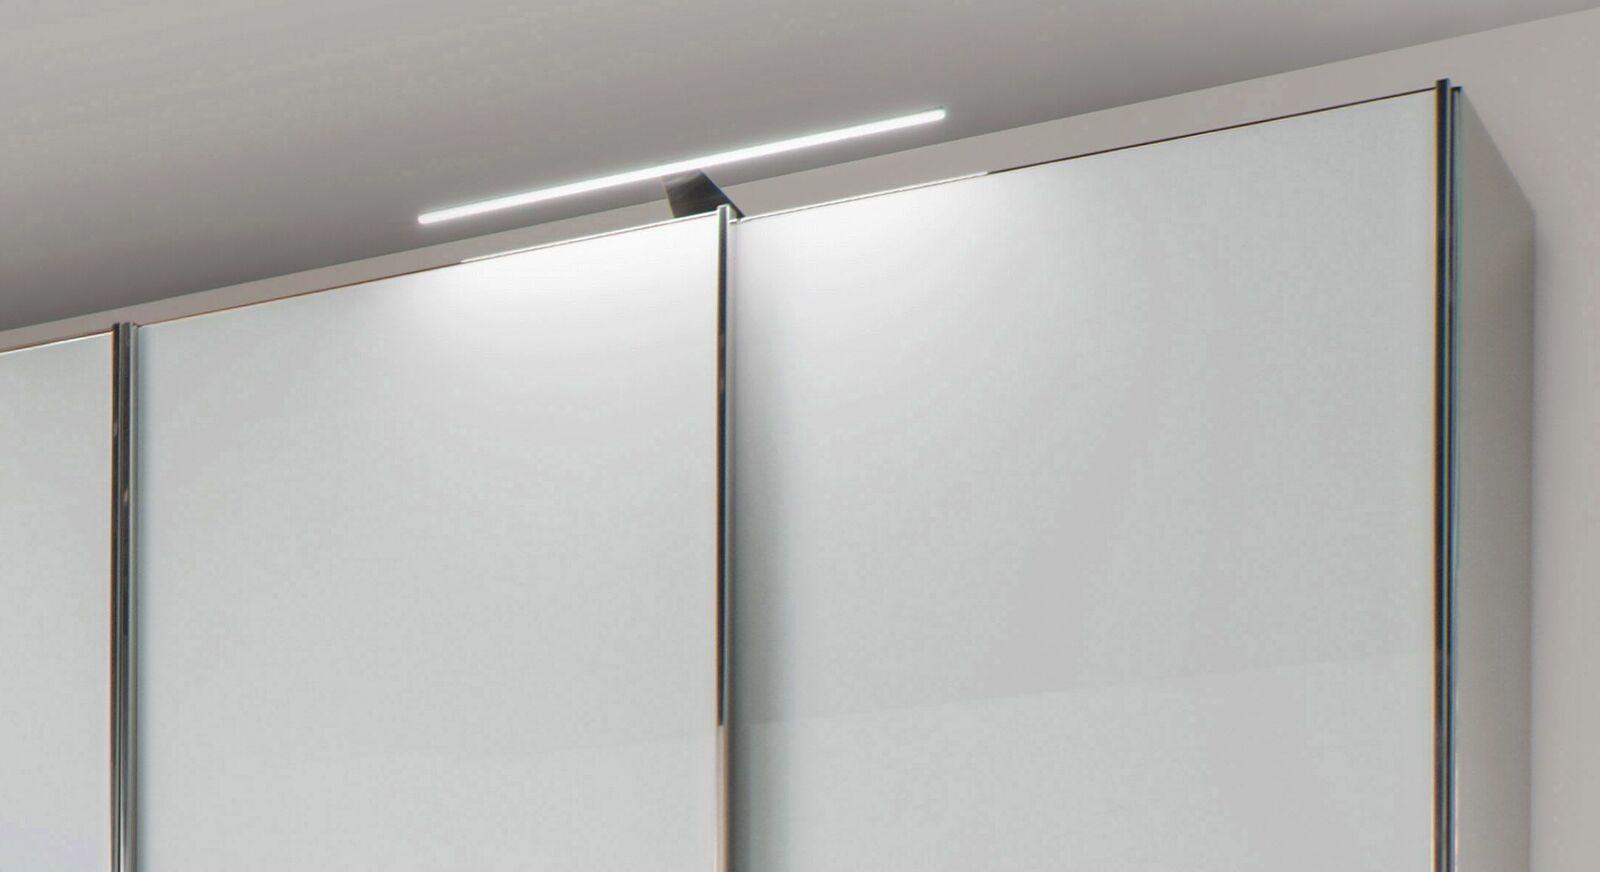 Schwebetüren-Kleiderschrank Shanvalley mit Aufsatz-Leuchte